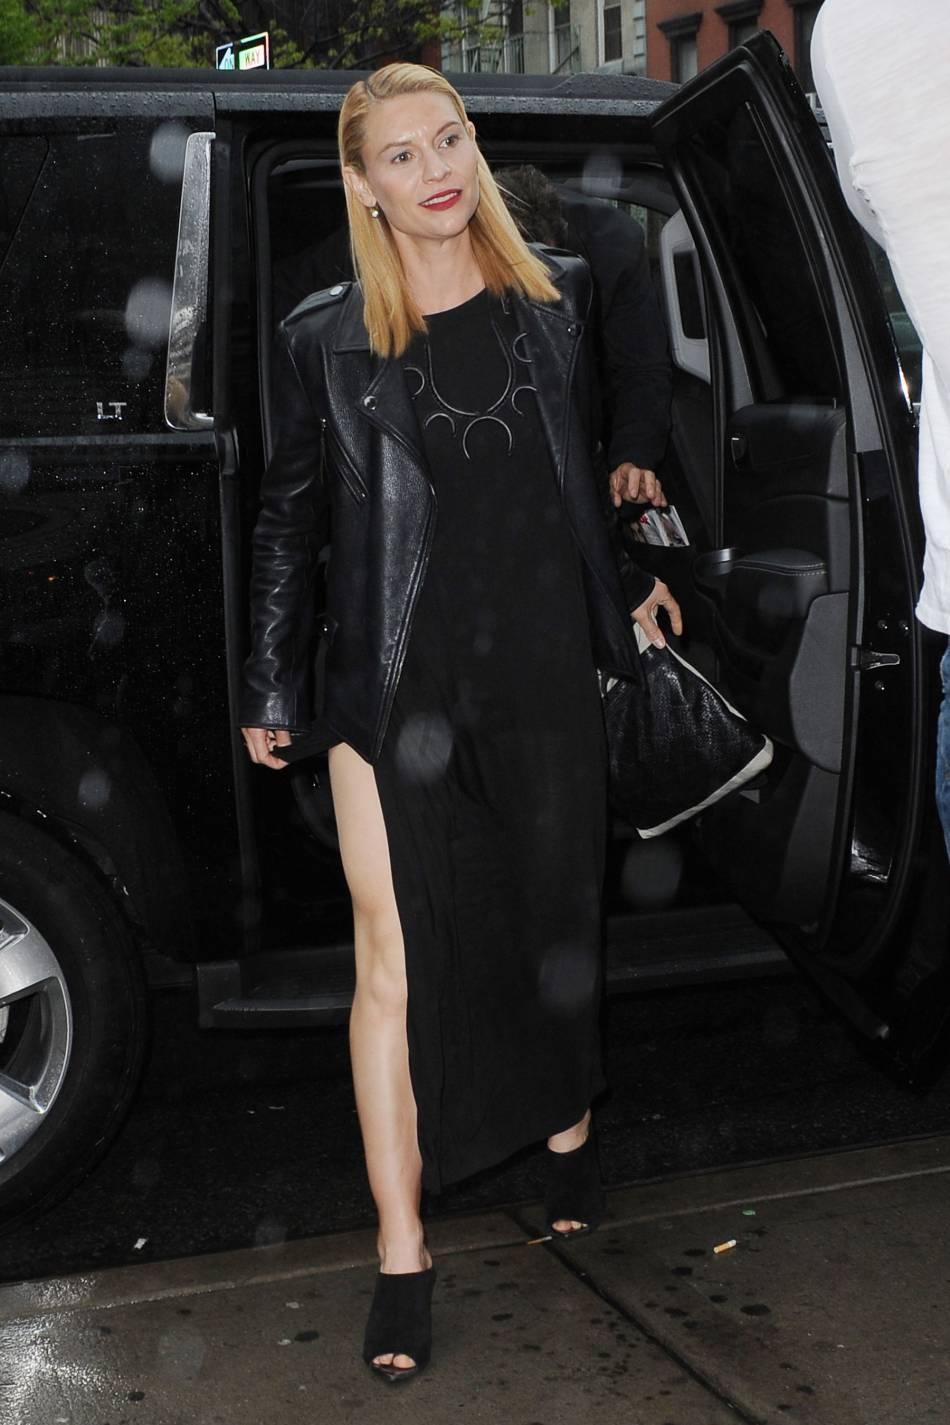 Claire Danes en robe fendue : une apparition qui ne manque pas d'originalité et de sex-appeal !